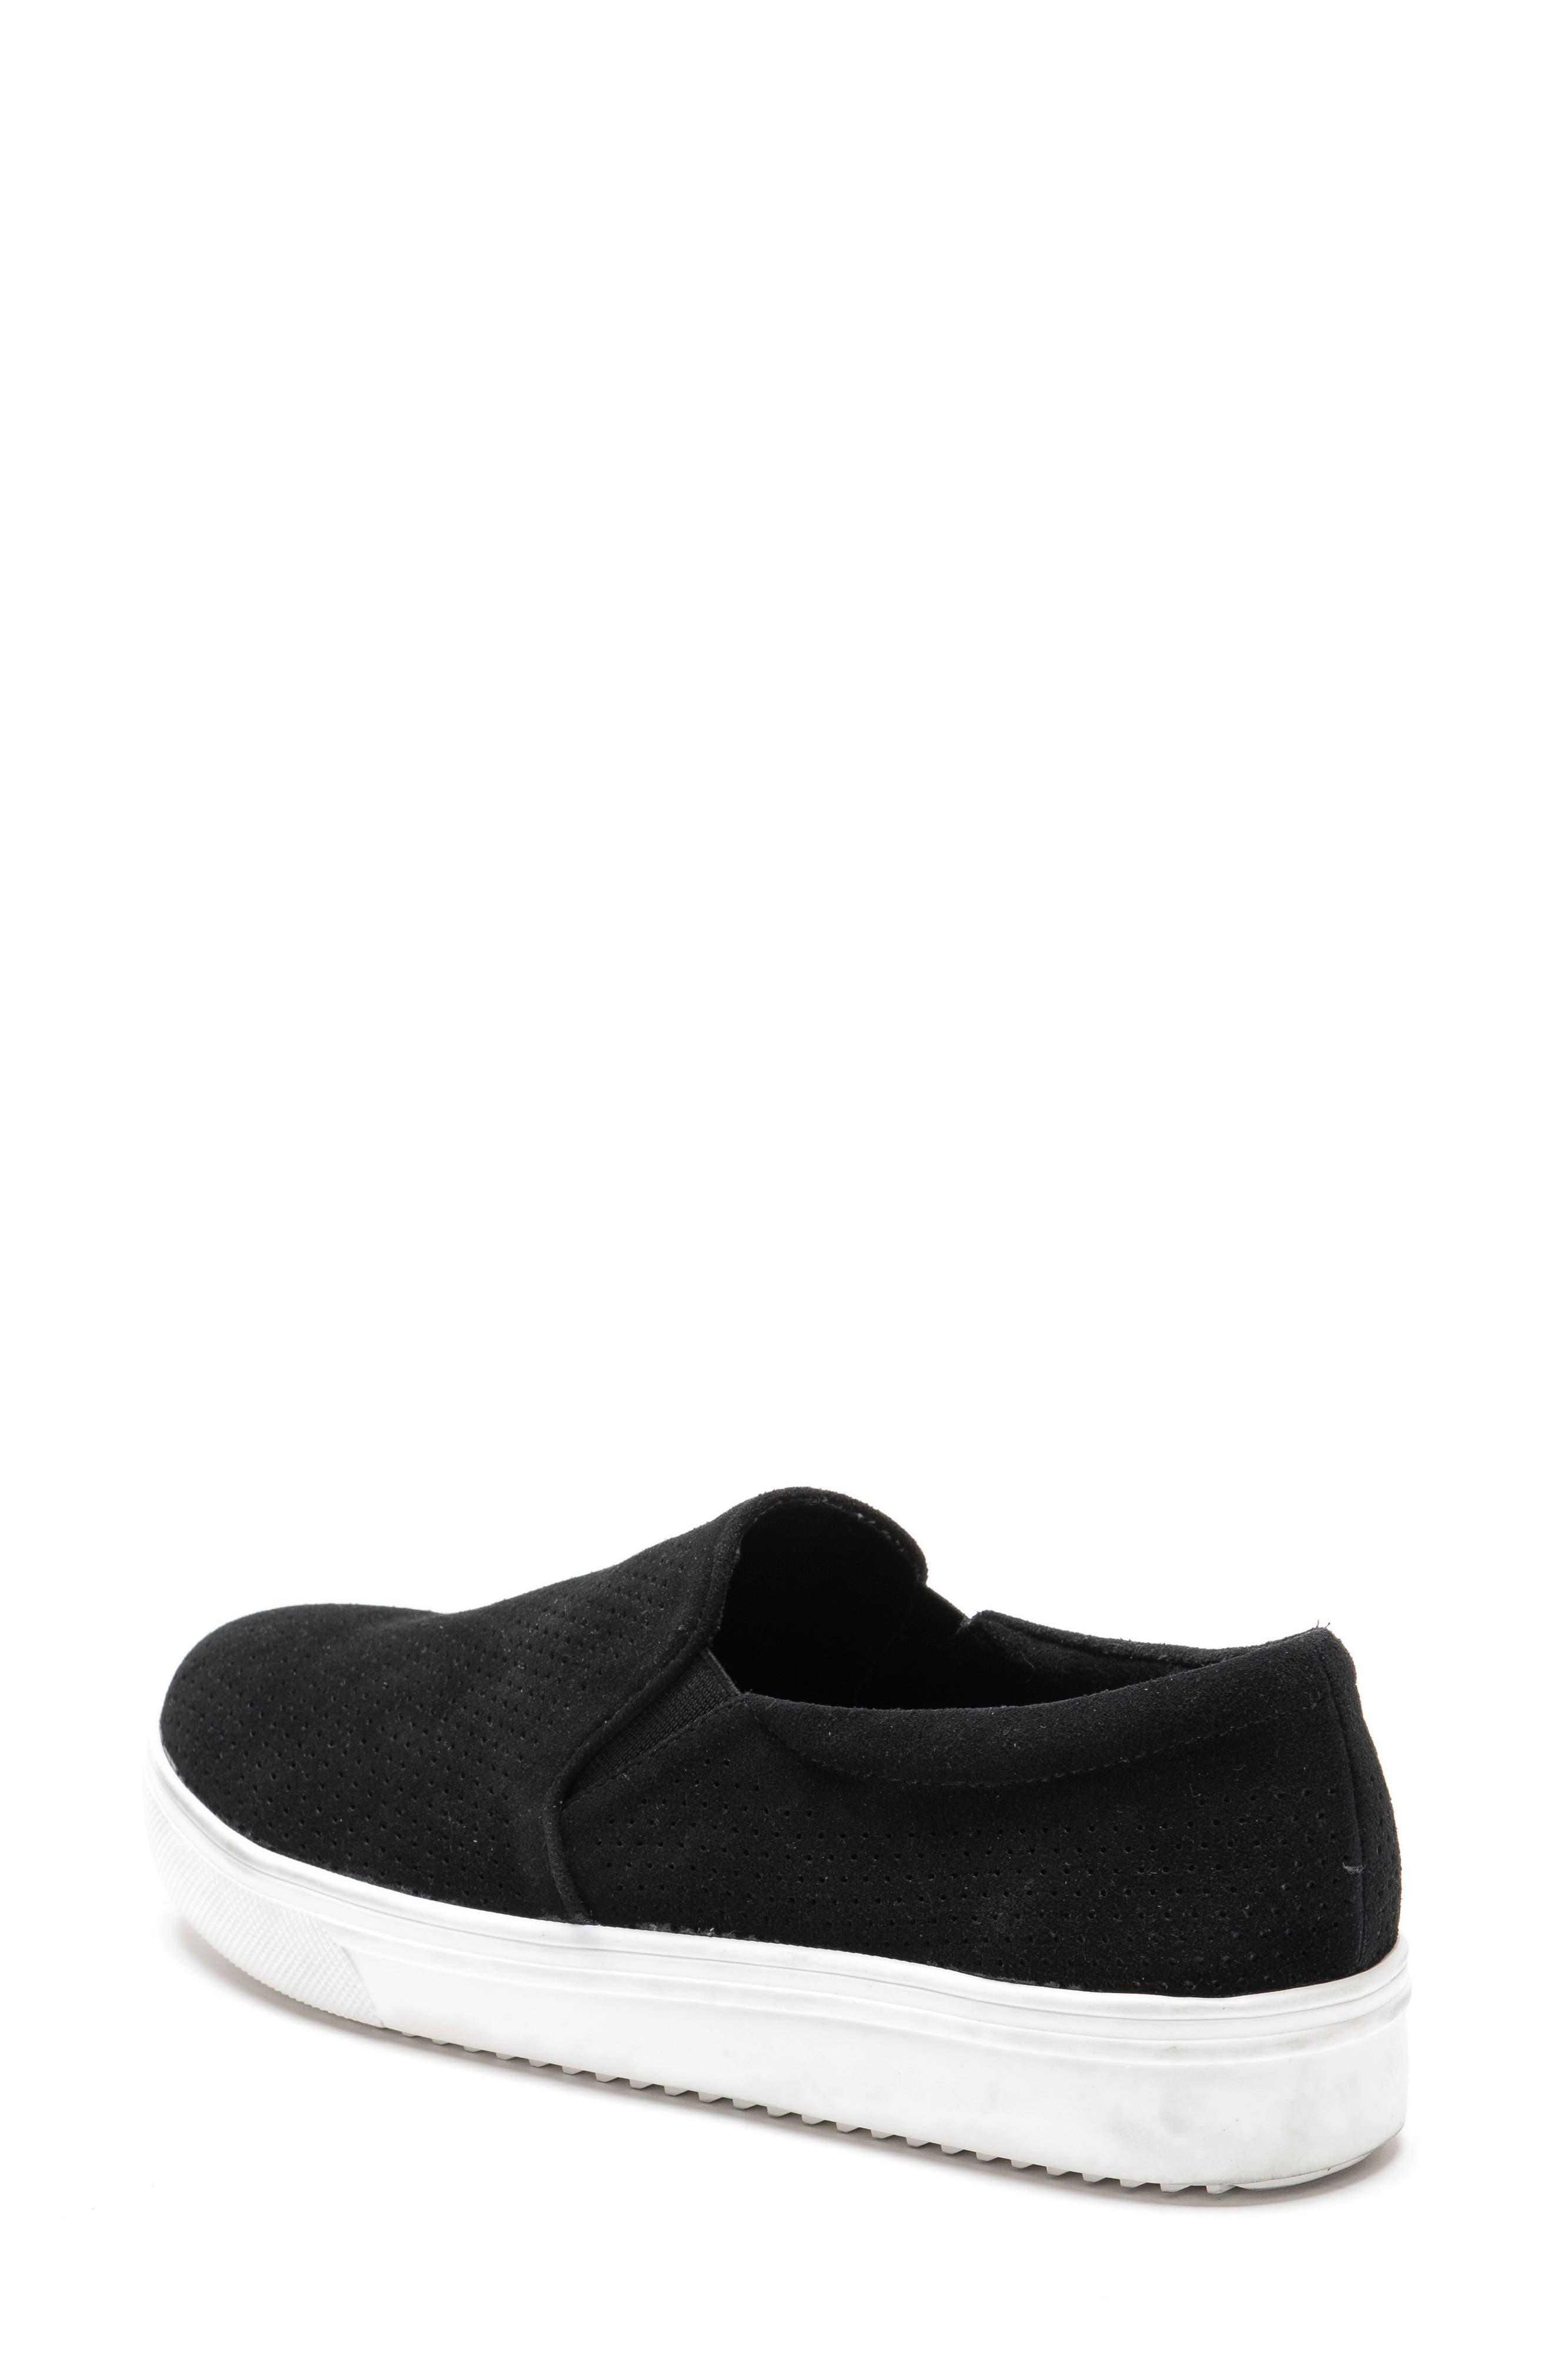 BLONDO, Gallert Perforated Waterproof Platform Sneaker, Alternate thumbnail 7, color, BLACK SUEDE